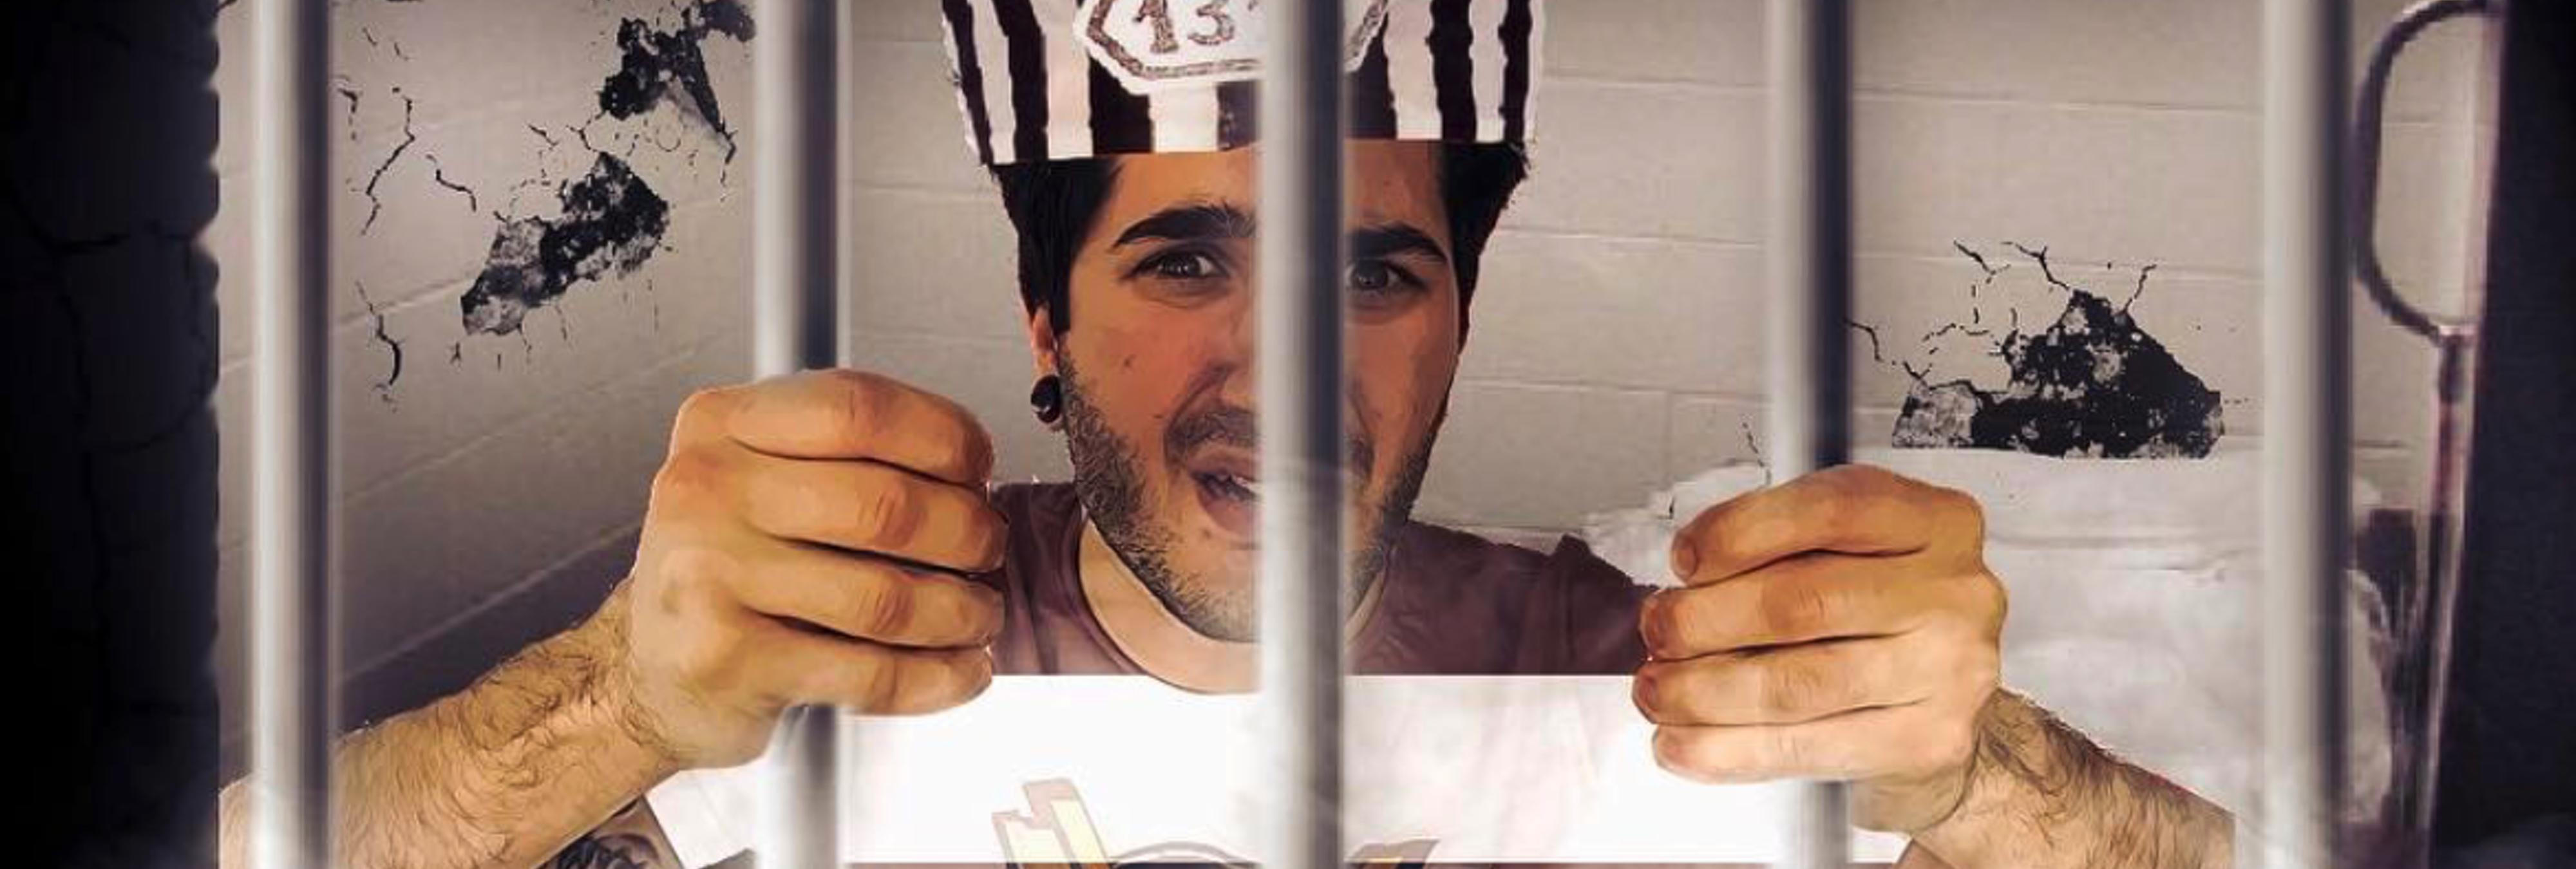 El youtuber Wismichu gana el juicio tras ser denunciado por Álvaro Ojeda